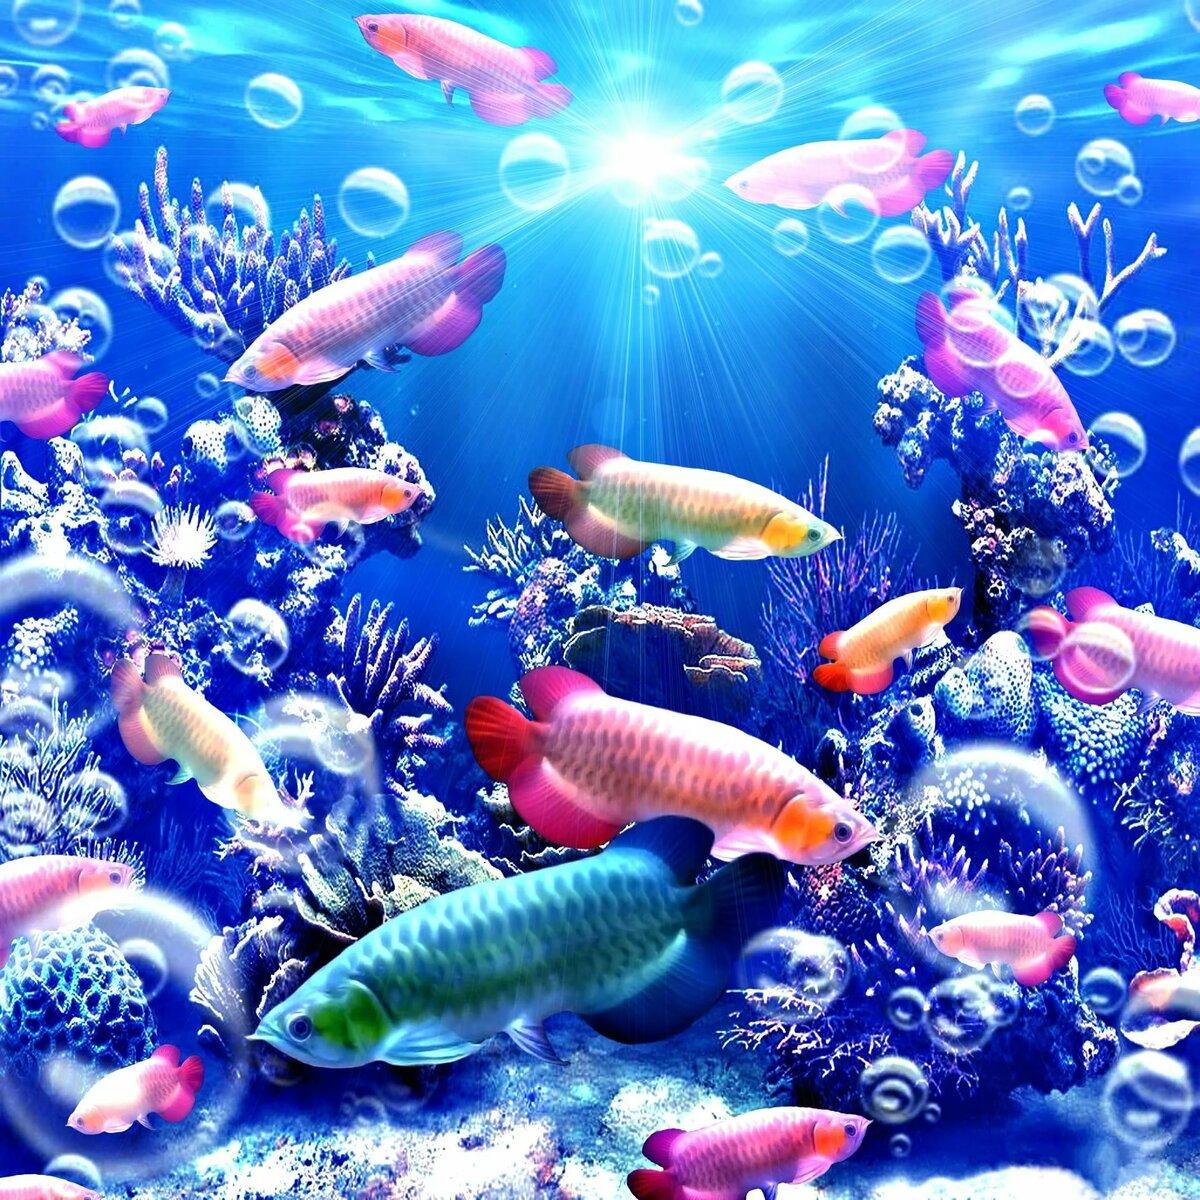 фоновые картинки с рыбками остальных задержанных